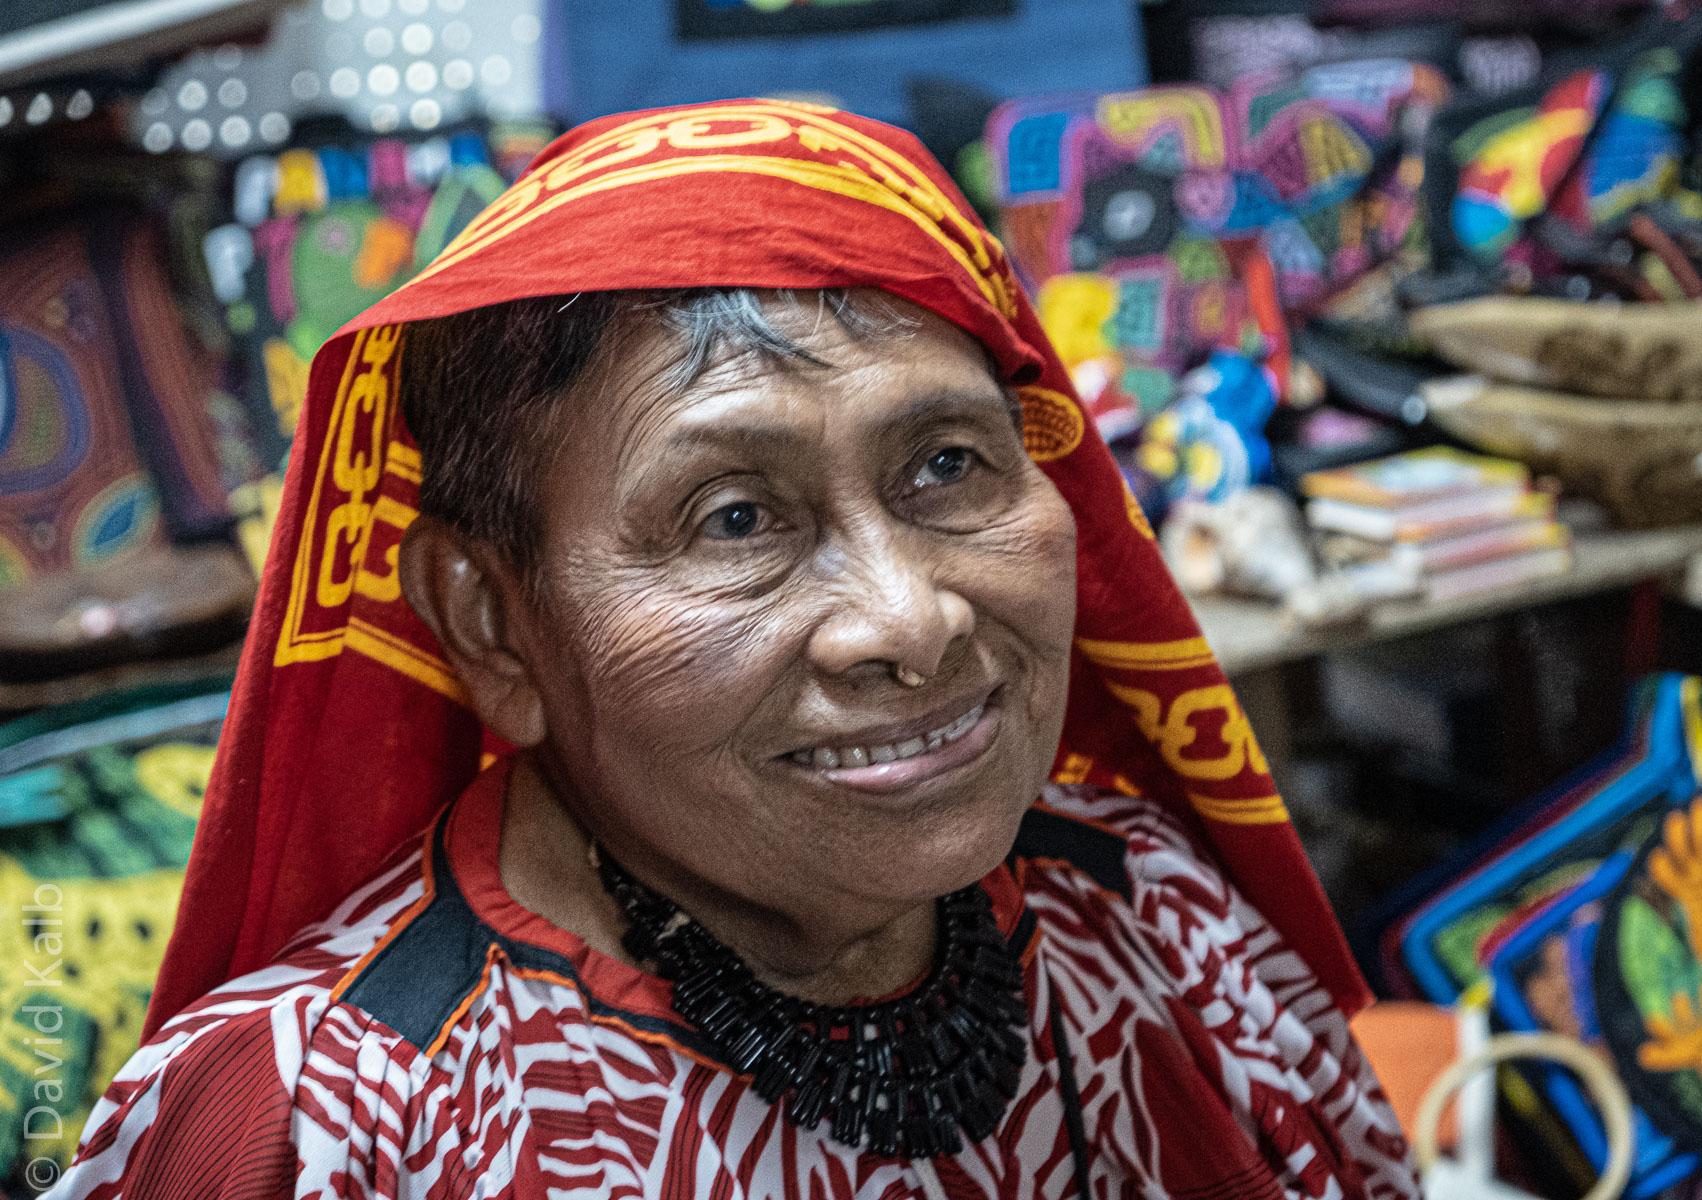 Kuna Tribal Woman in Panama